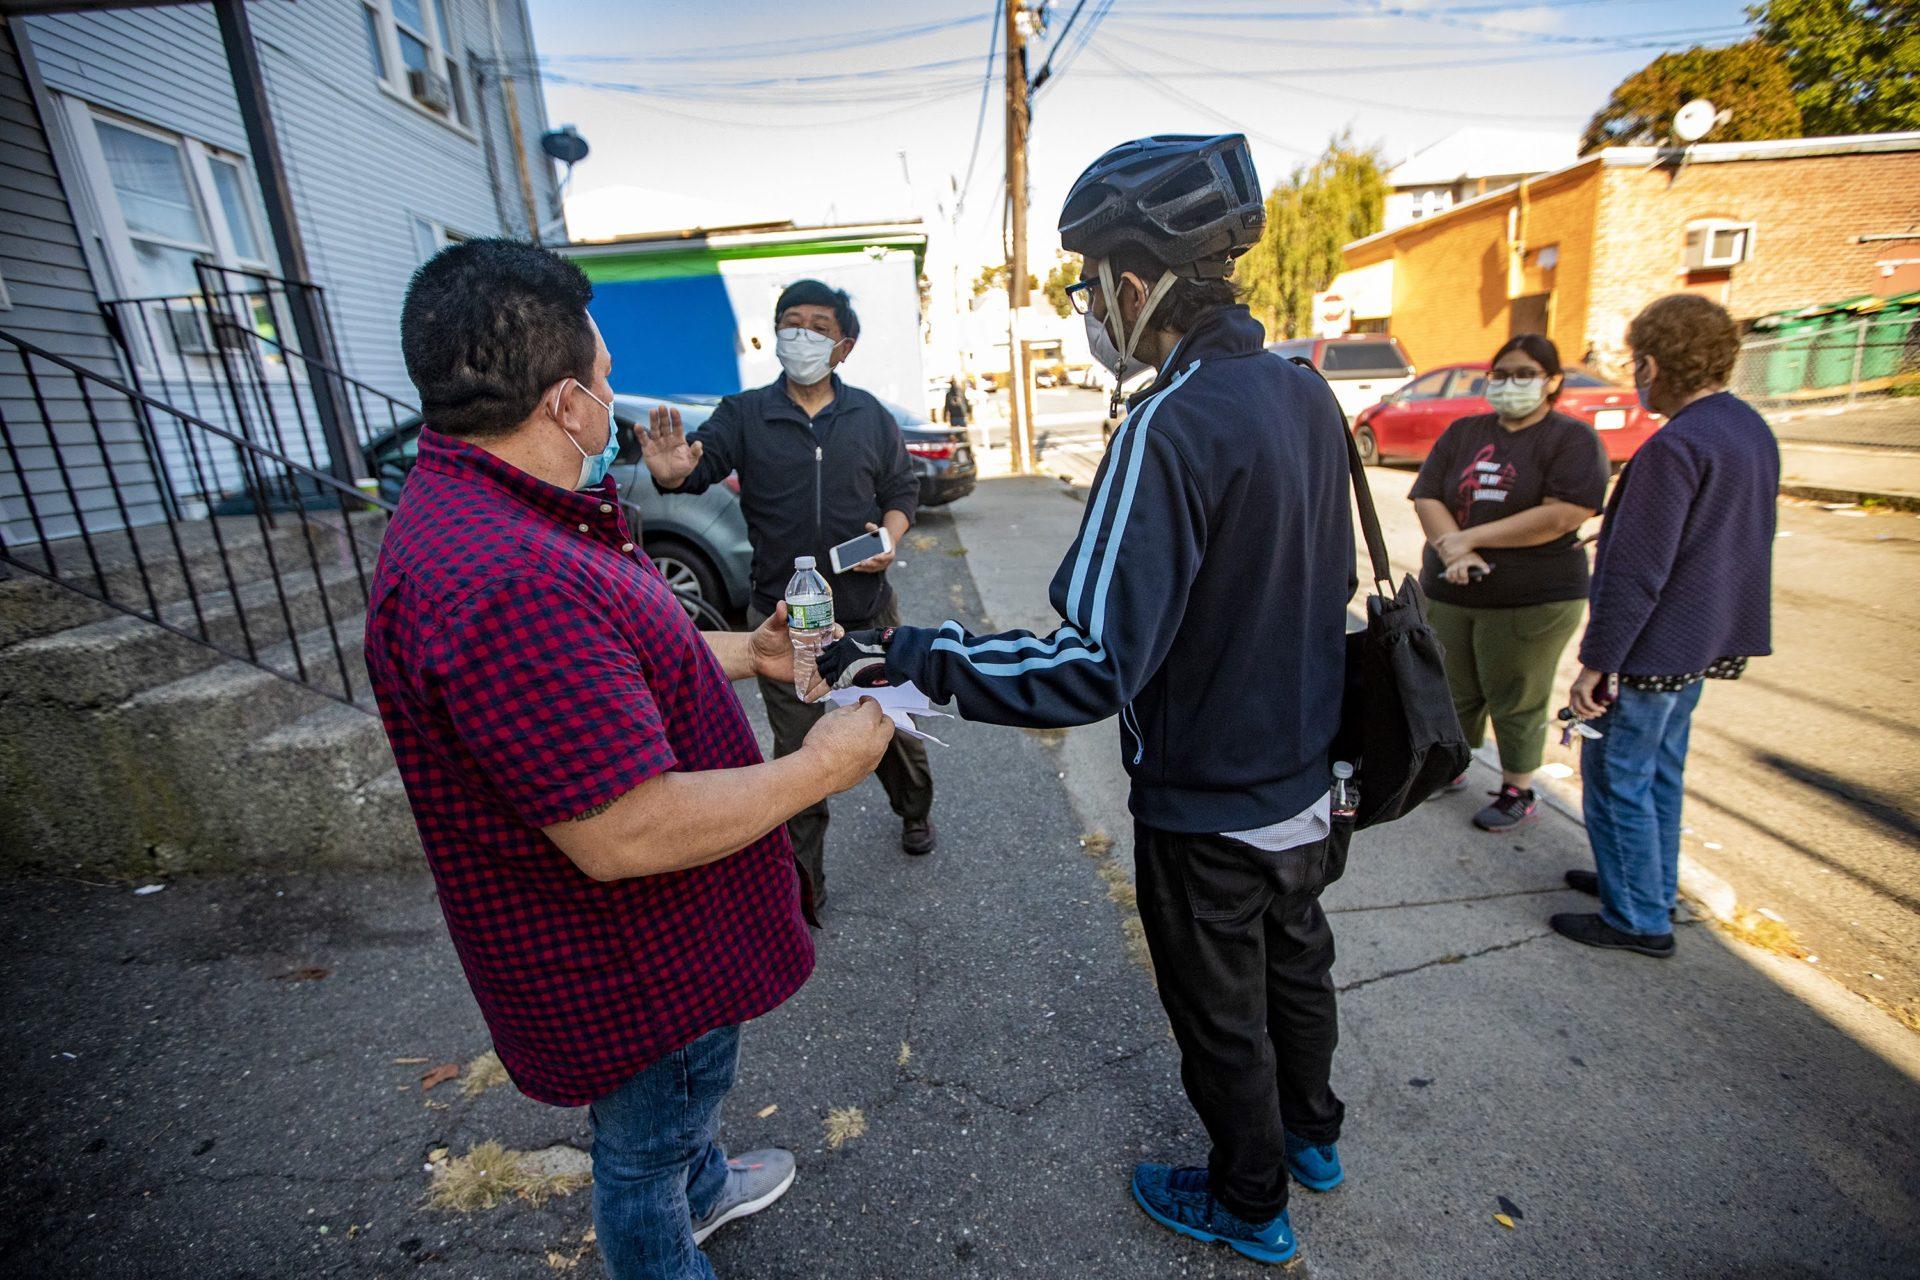 El dueño de la casa, She Ling Wang, camina con su inquilino Robelio Gonzalez (izq) después de que Gonzalez fue detenido por agentes de ICE fuera de su apartamento en Lynn. (Jesse Costa/WBUR)